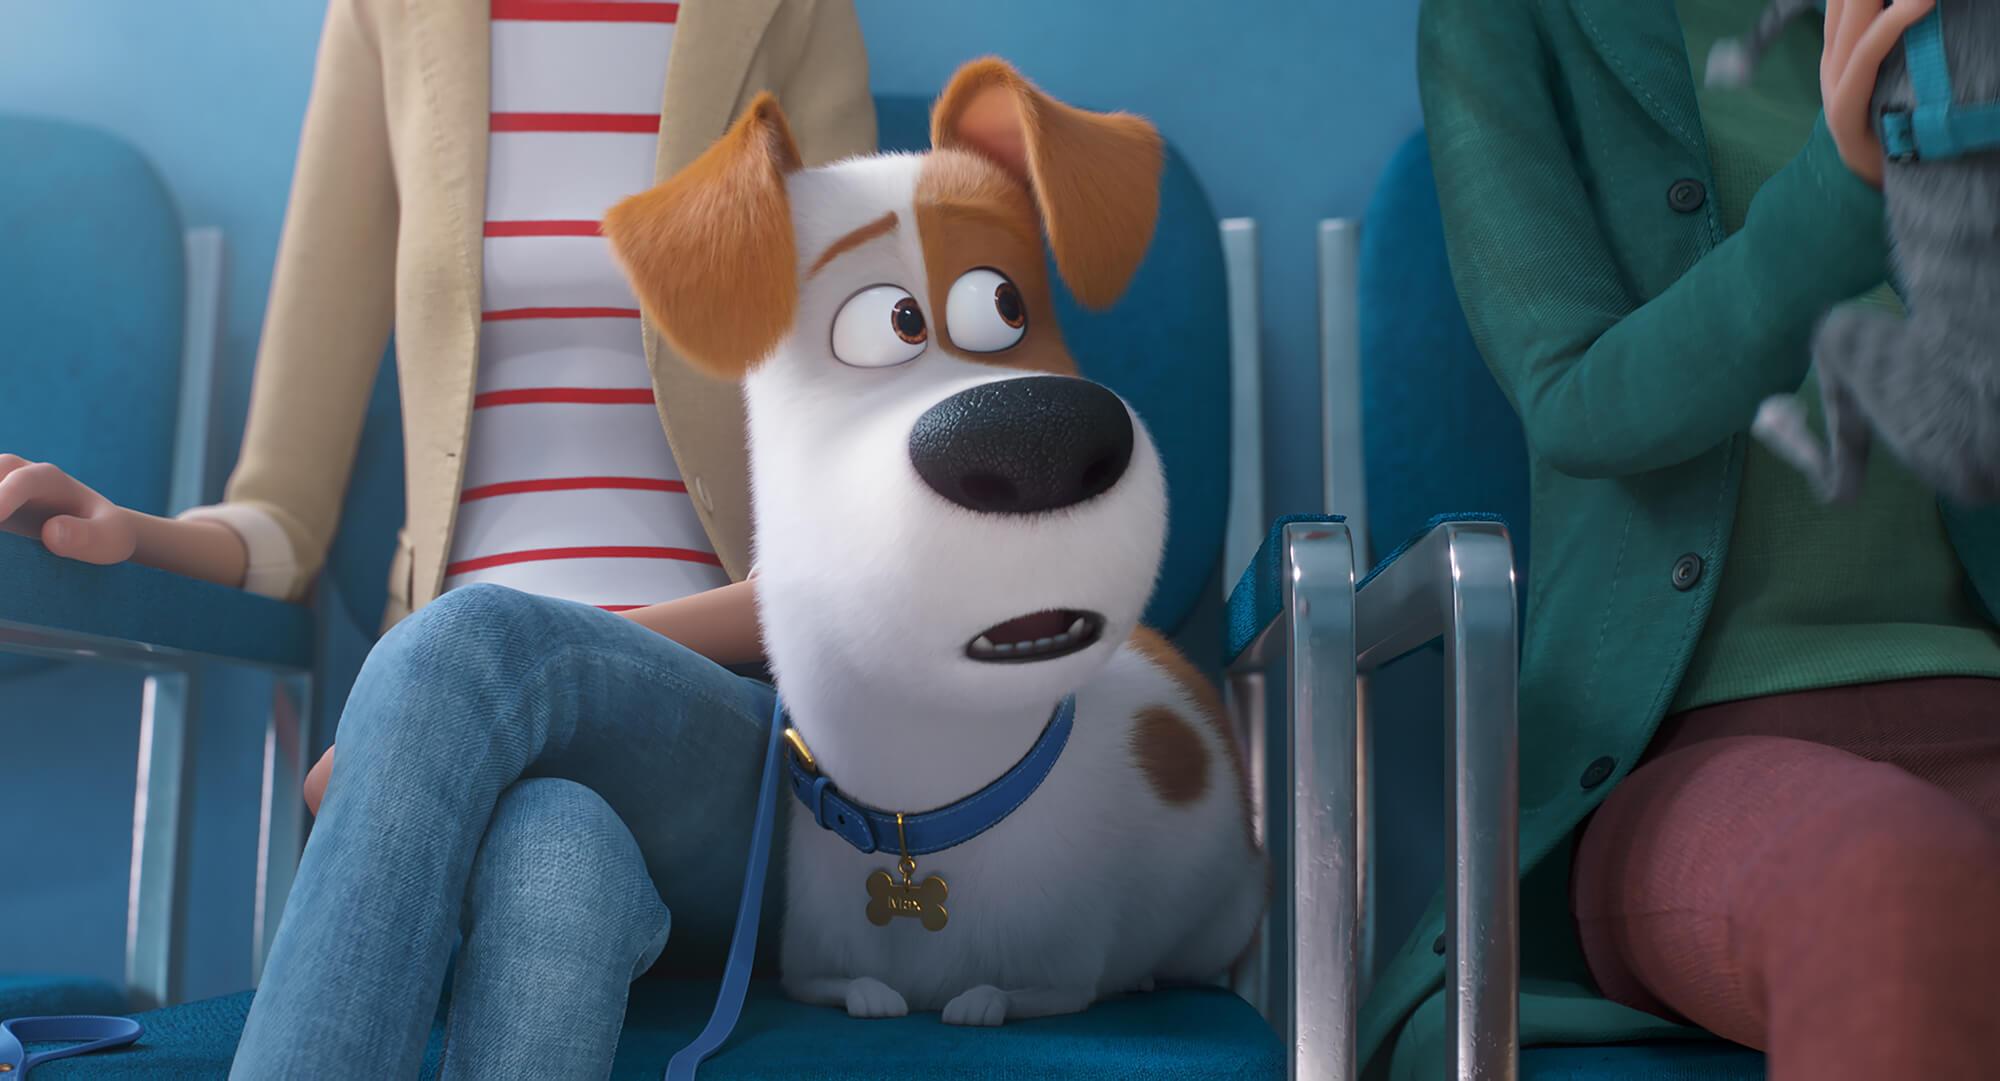 Tajný život mazlíčků 2: Domácí zvířata představují v trailerech nová dobrodružství | Fandíme filmu